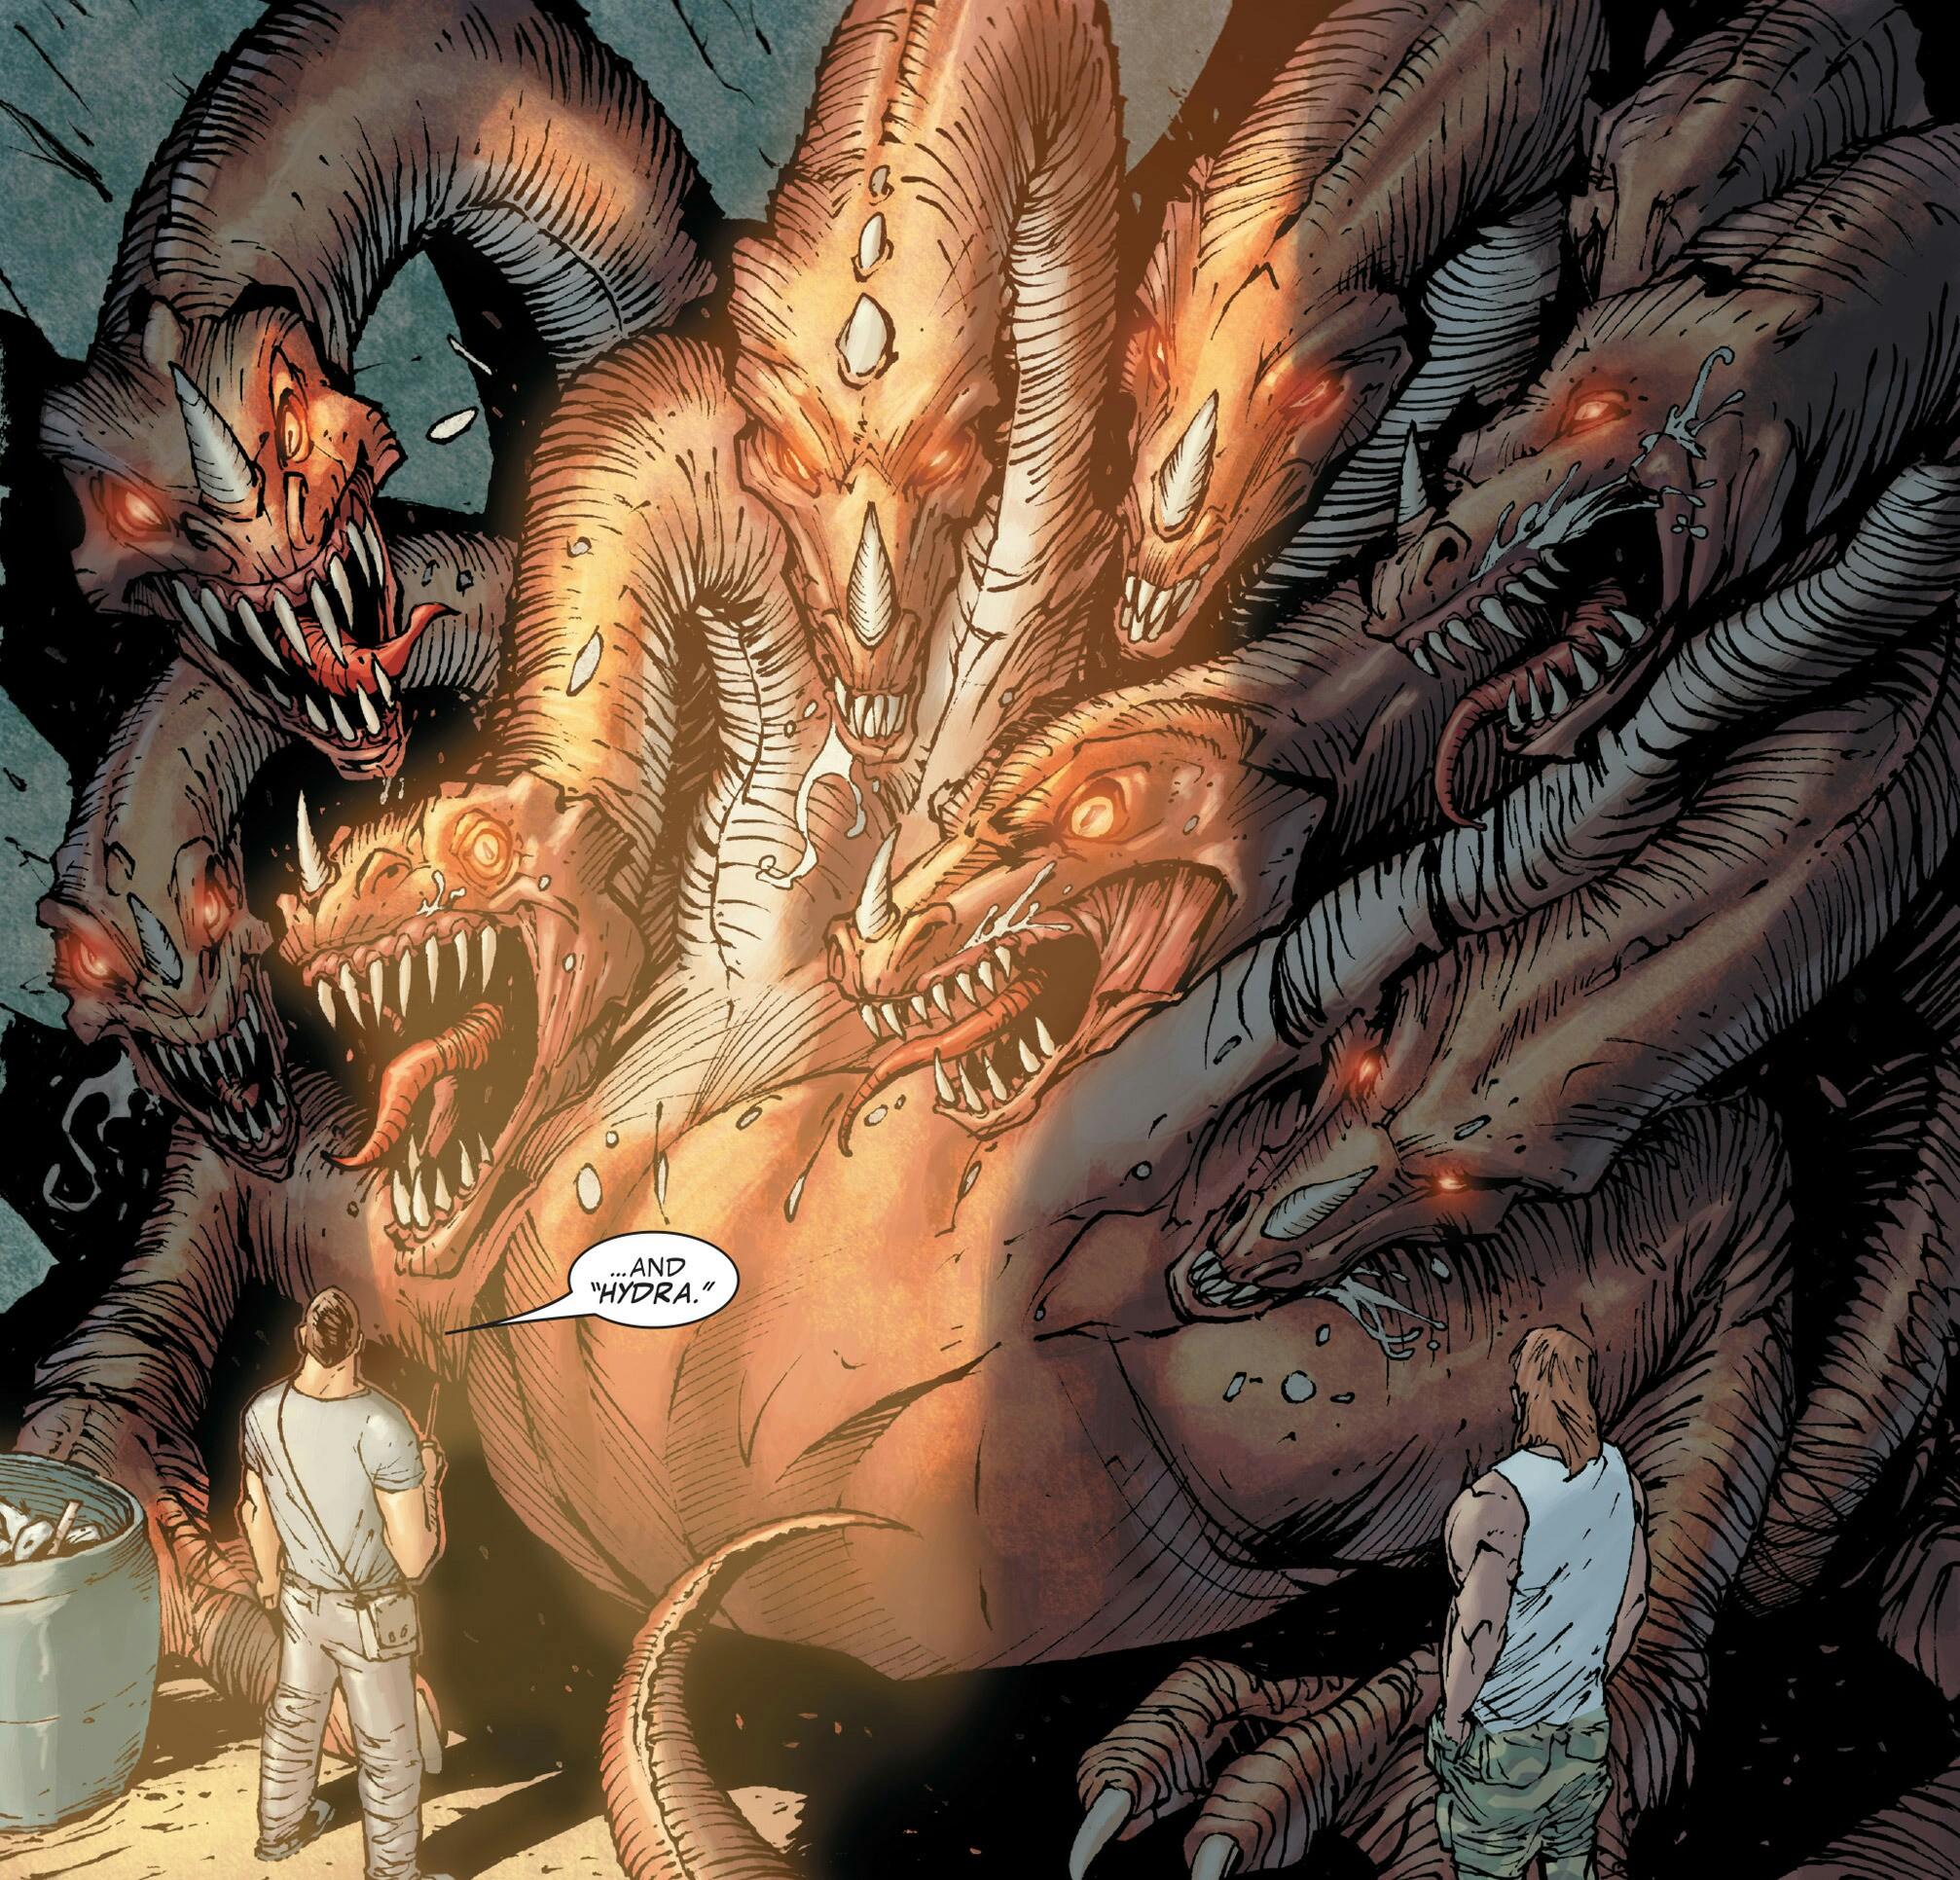 Lernean Hydra (Earth-616)